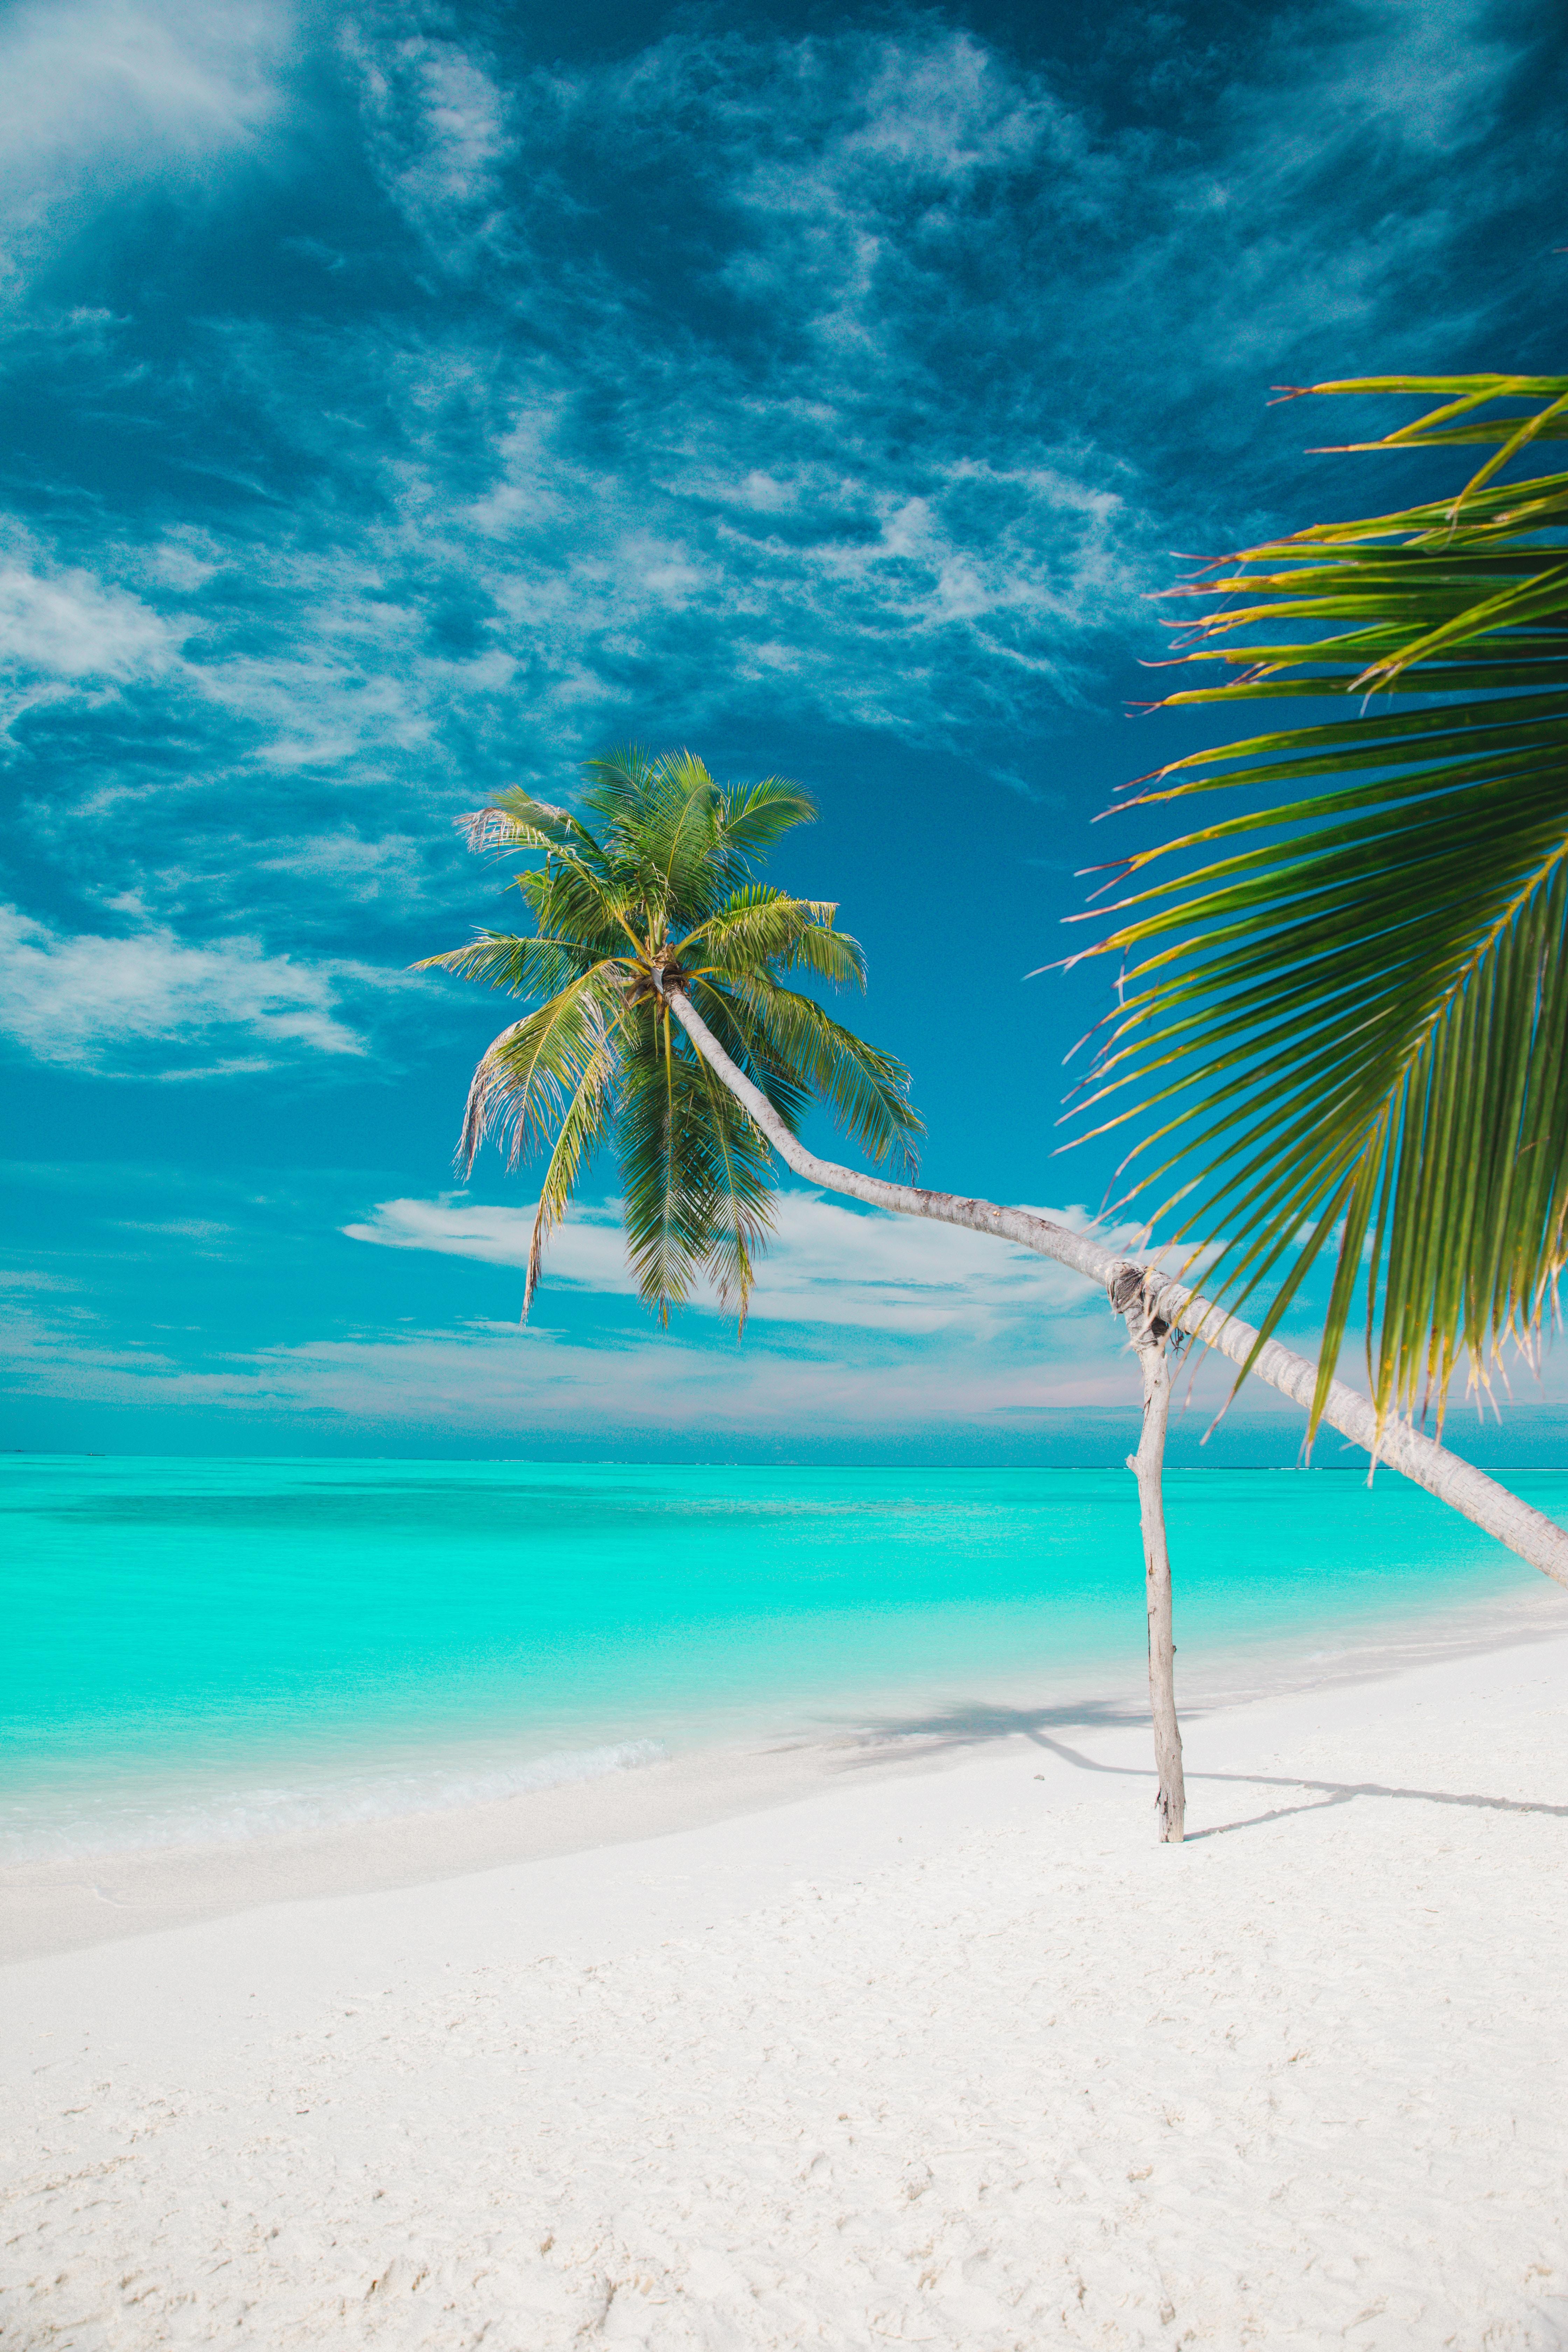 125039 скачать обои Природа, Море, Пляж, Пальмы, Лето, Тропики - заставки и картинки бесплатно